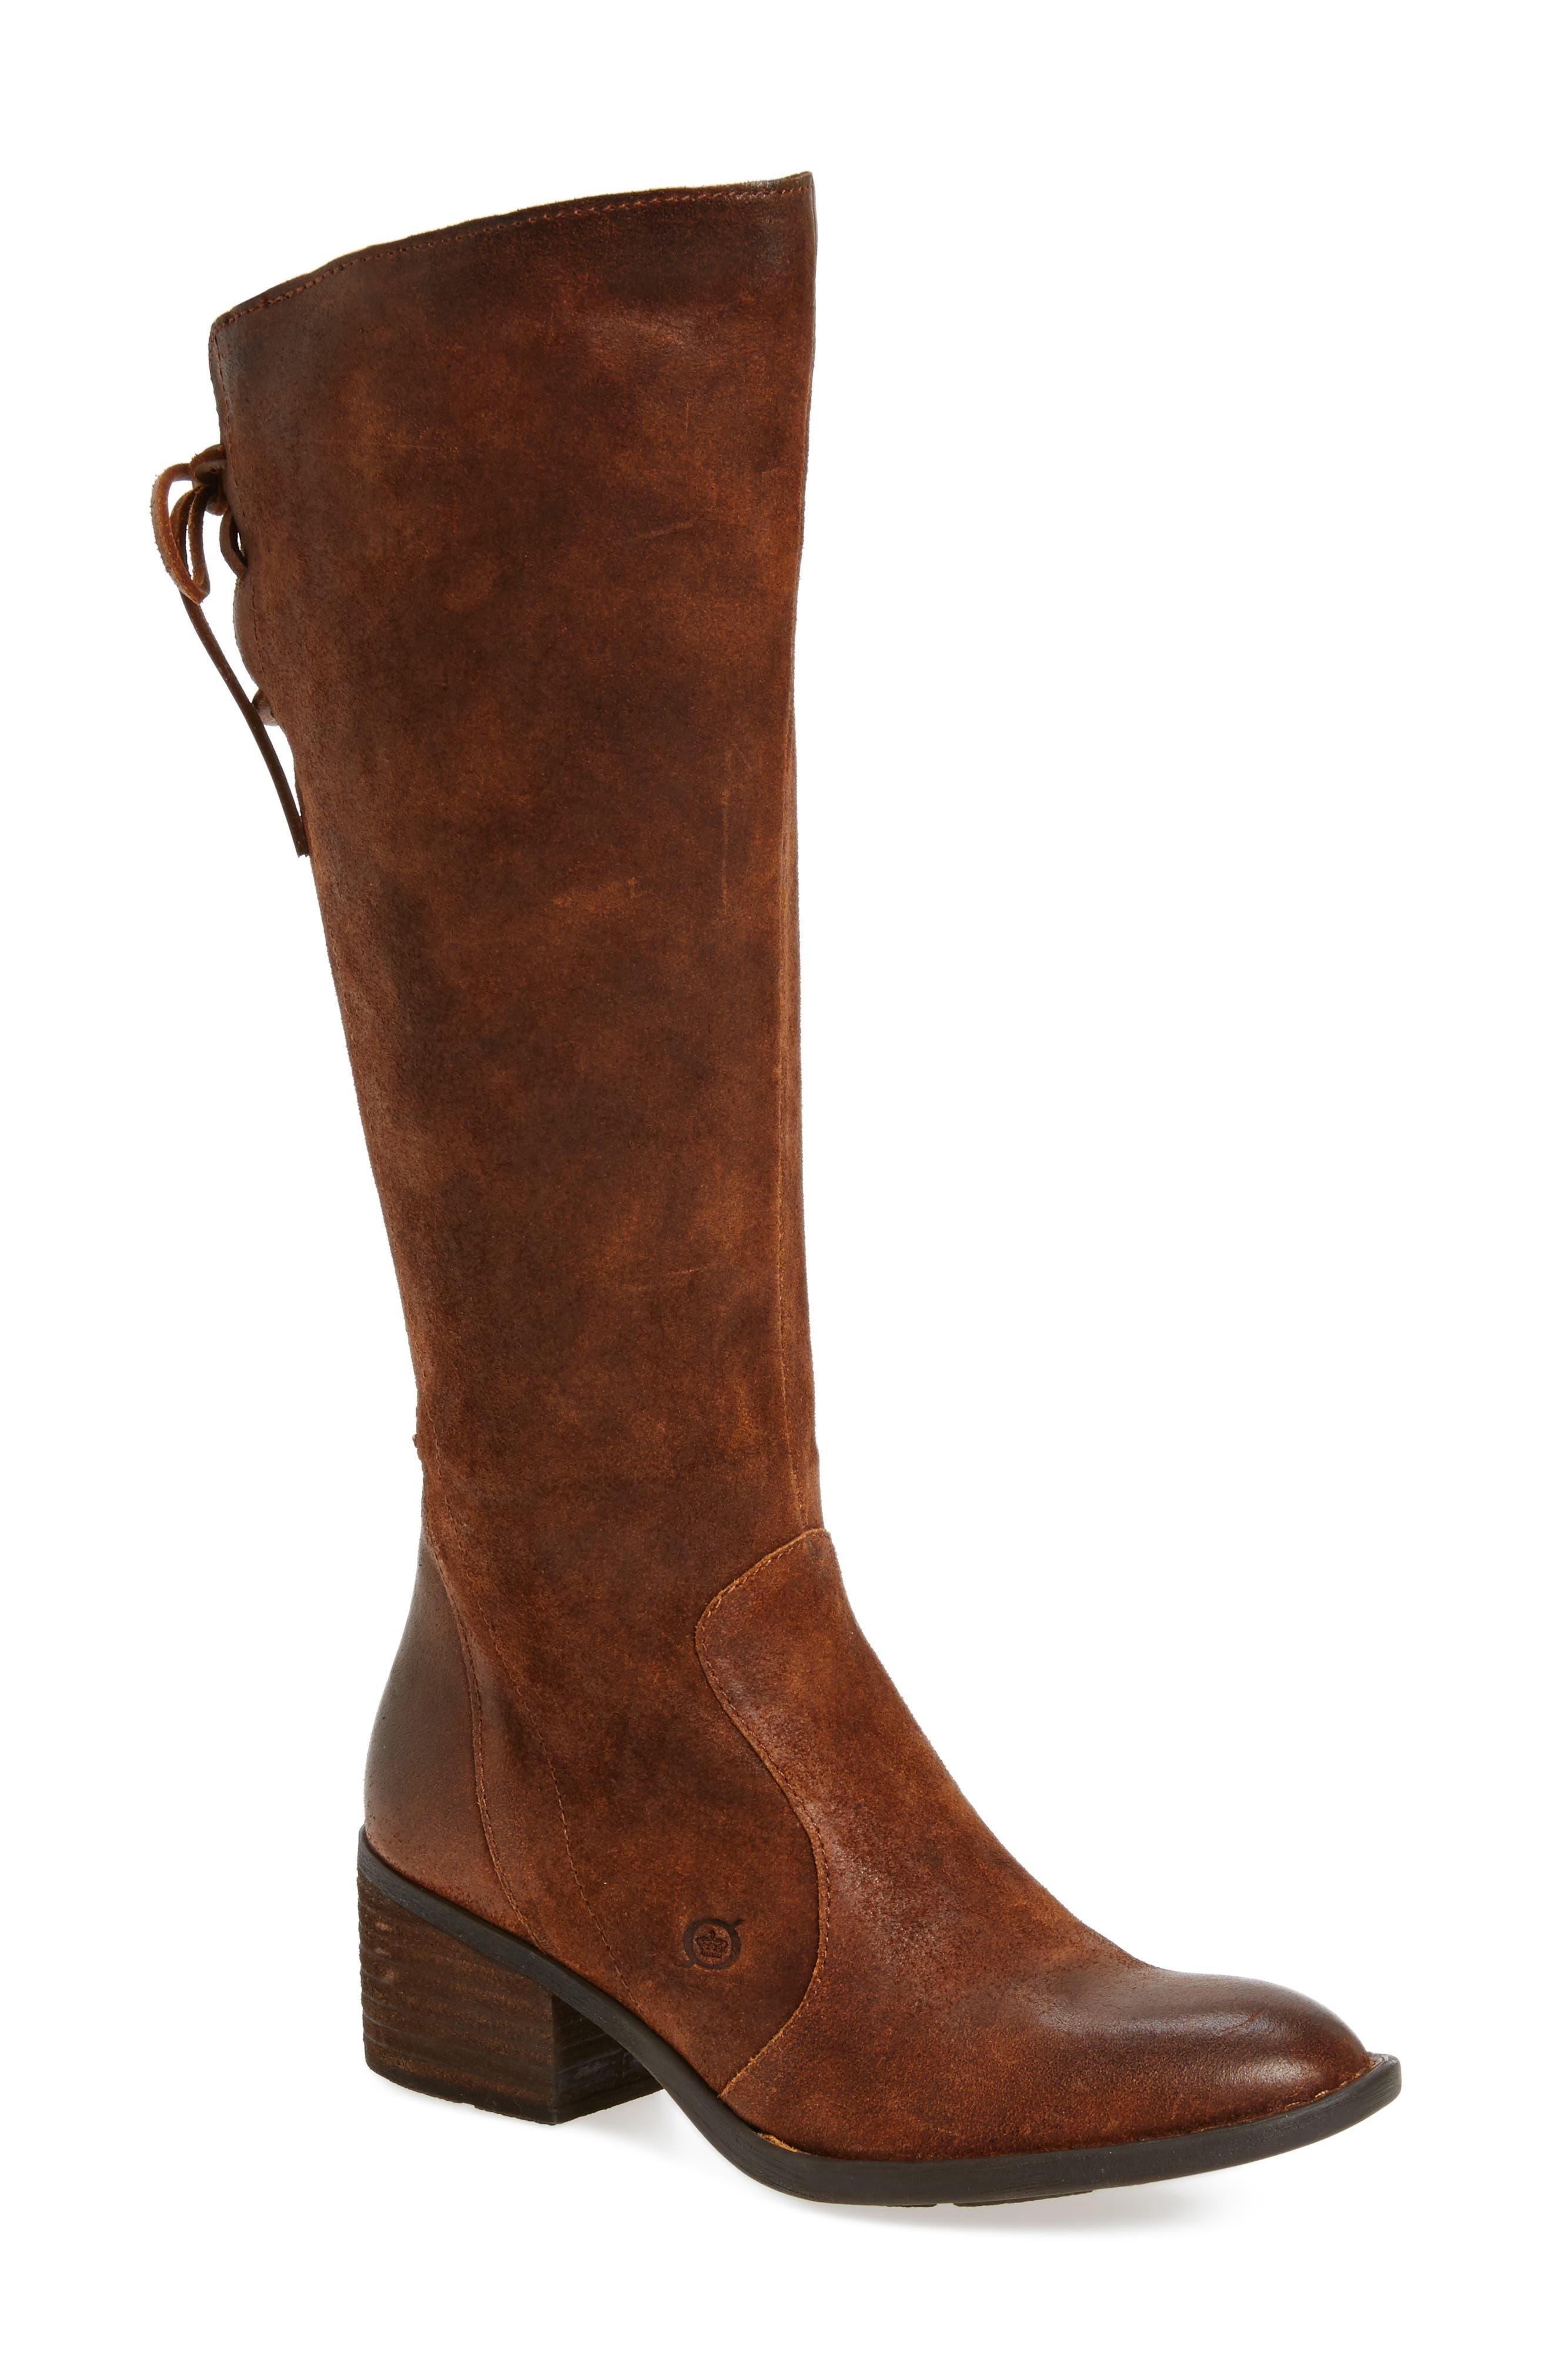 B?rn Felicia Knee High Boot, Regular Calf- Brown